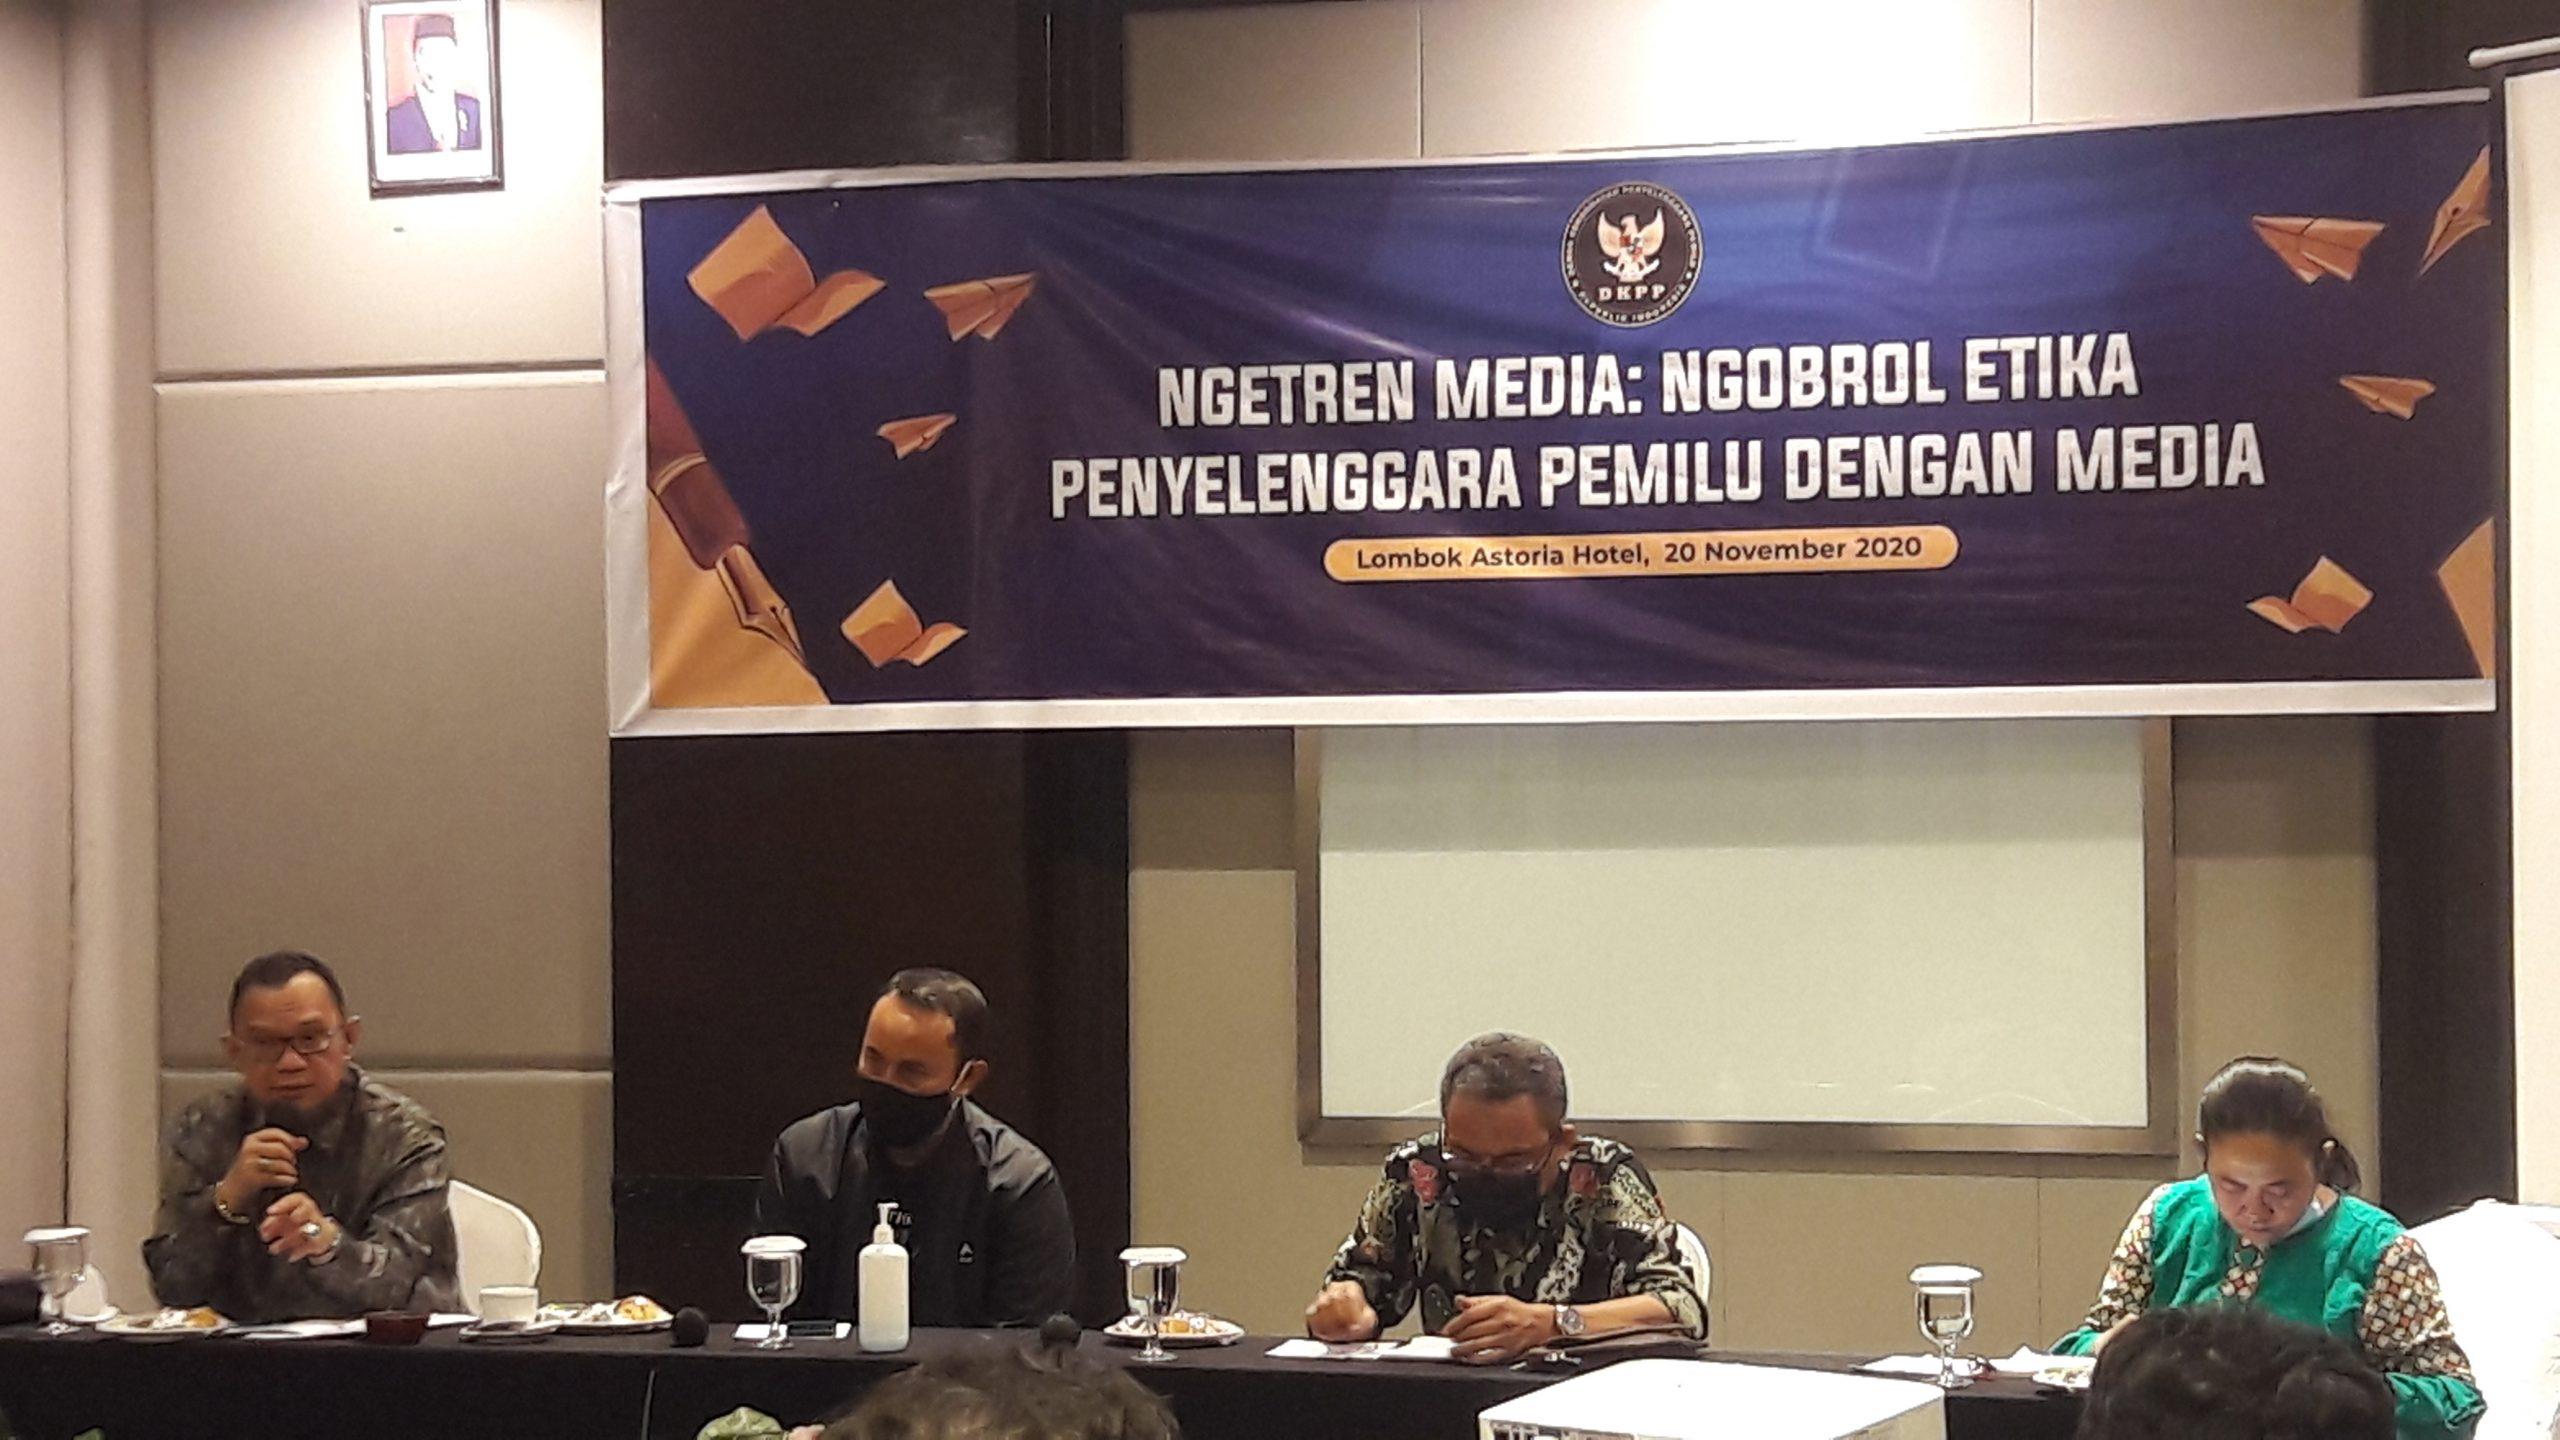 """ANGGOTA DKPP, Alfitra Salamm (kiri), saat menjadi pembicara pada diskusi """"Ngetren Media DKPP"""". Foto: fahrul"""